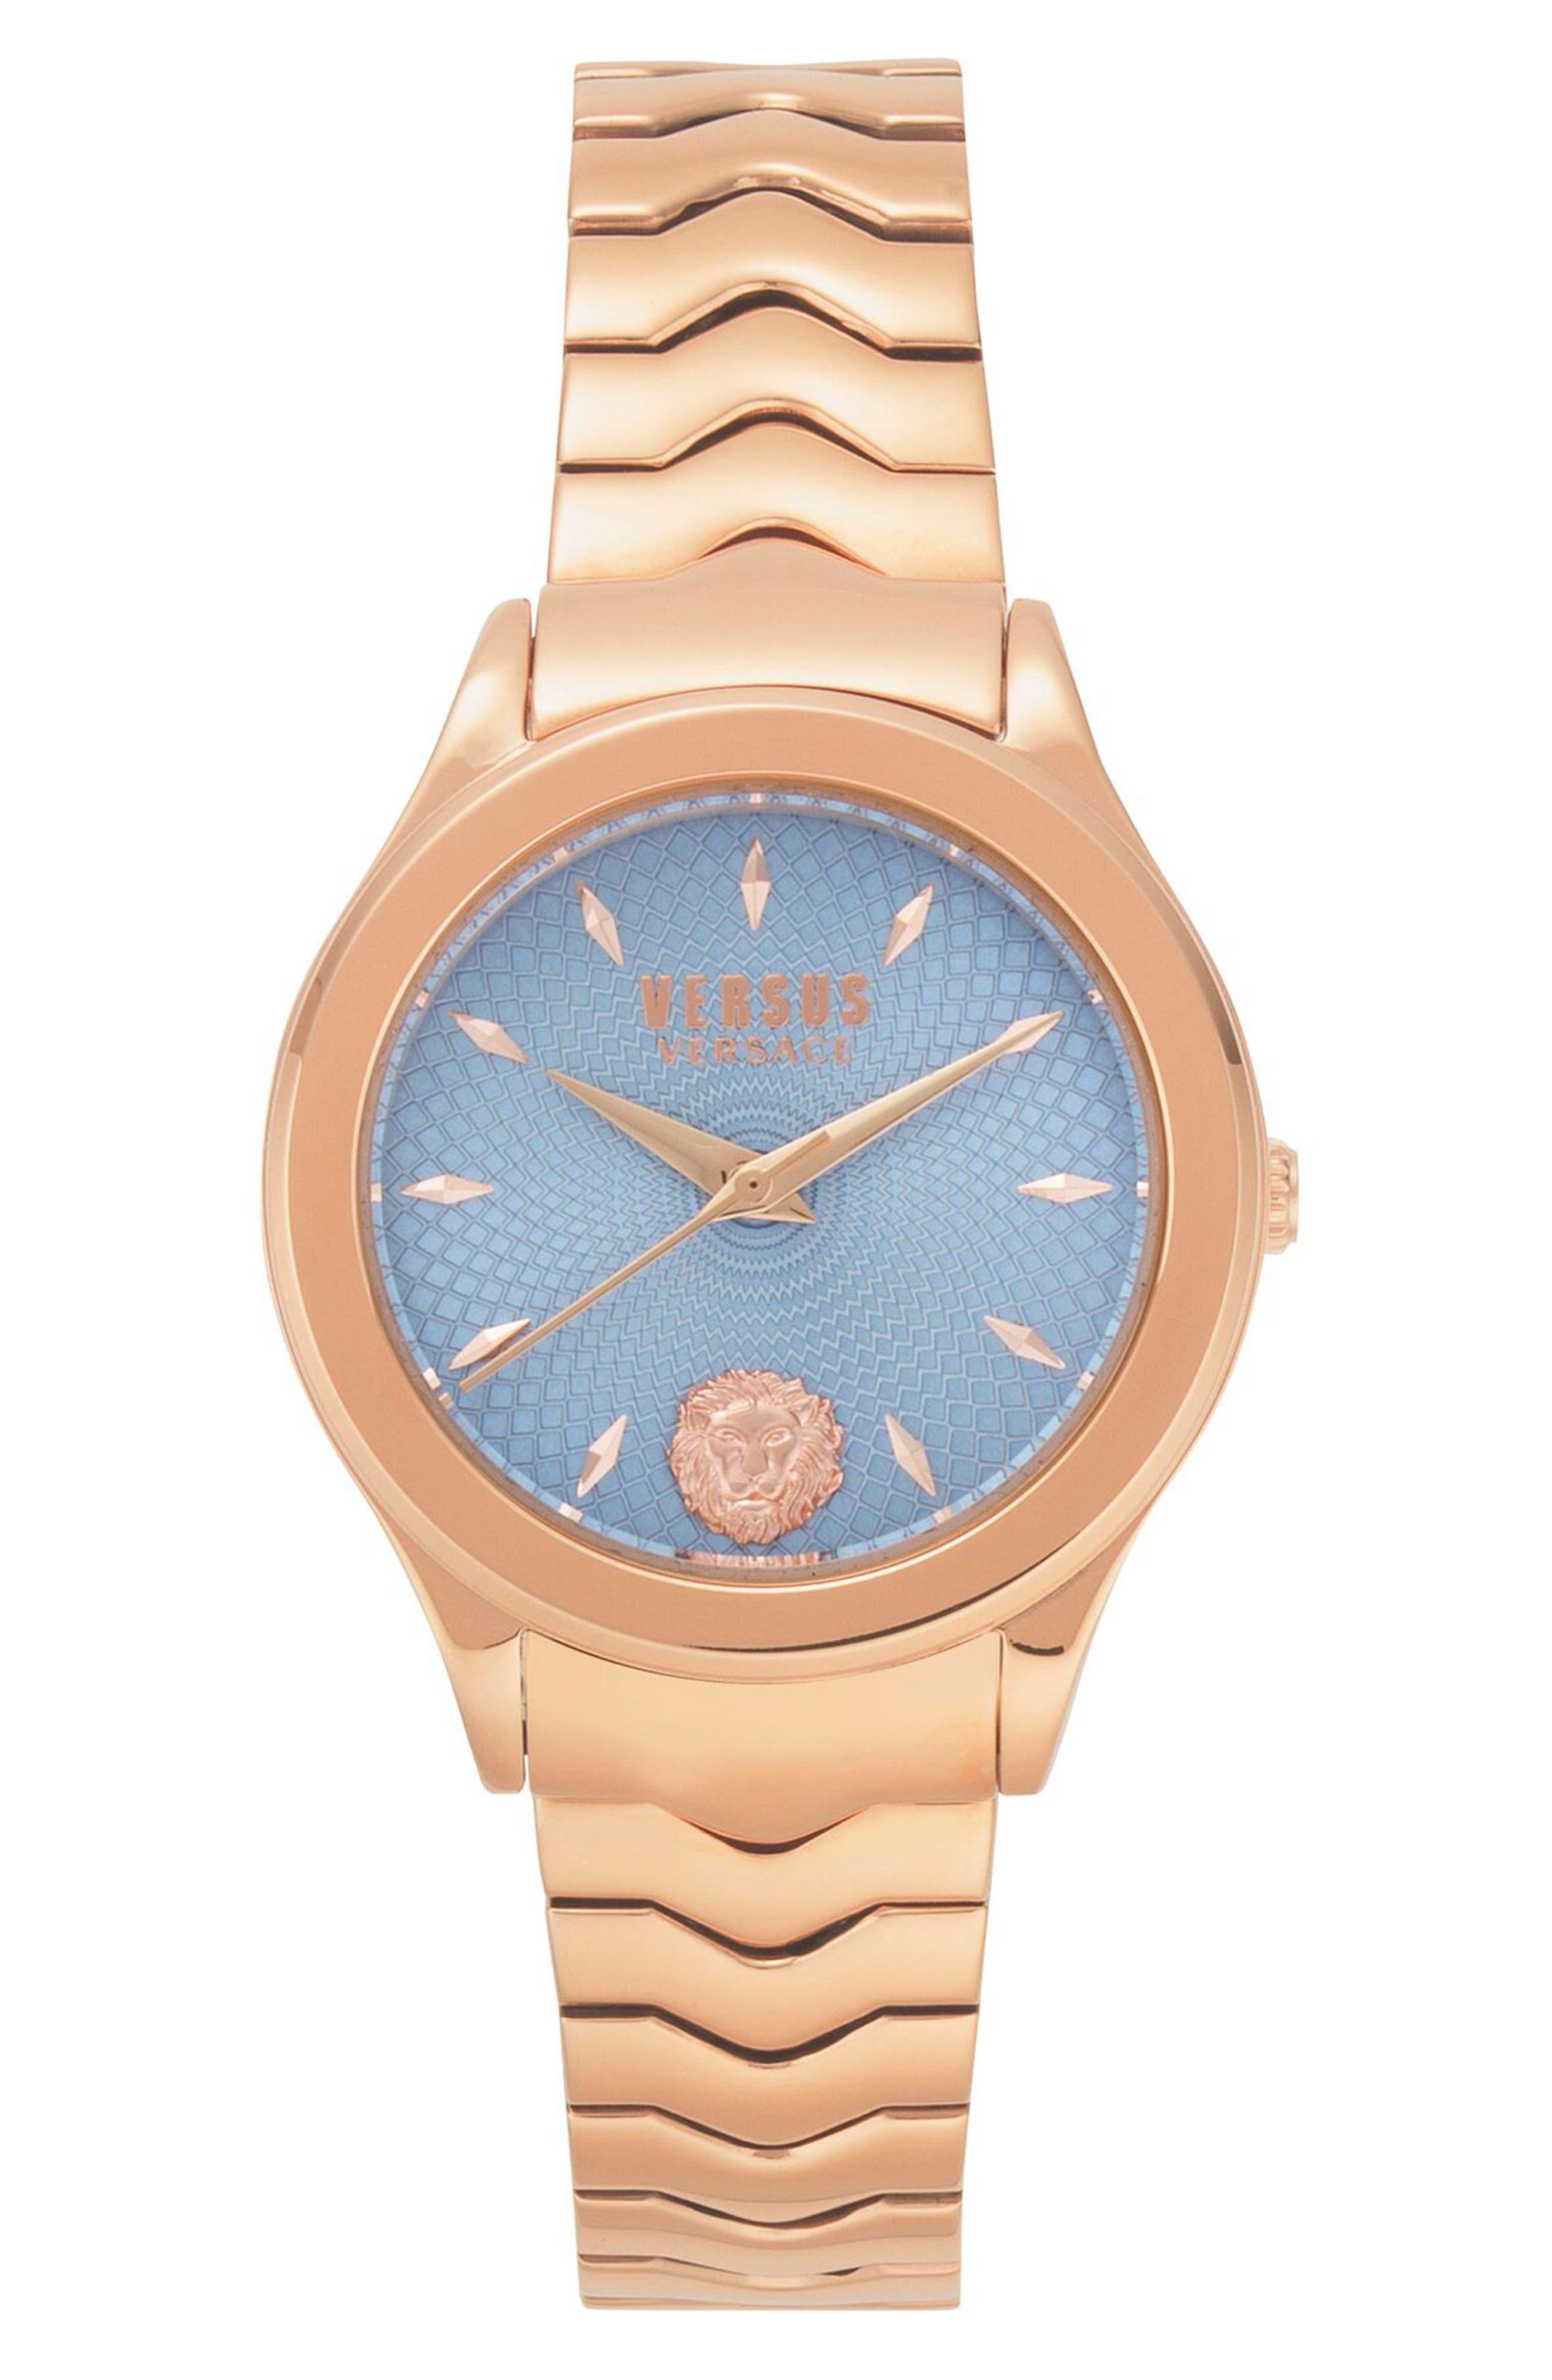 VERSUS VERSACE, Mount Pleasant Bracelet Watch, 34mm, Main thumbnail 1, color, ROSE GOLD/ BLUE/ ROSE GOLD